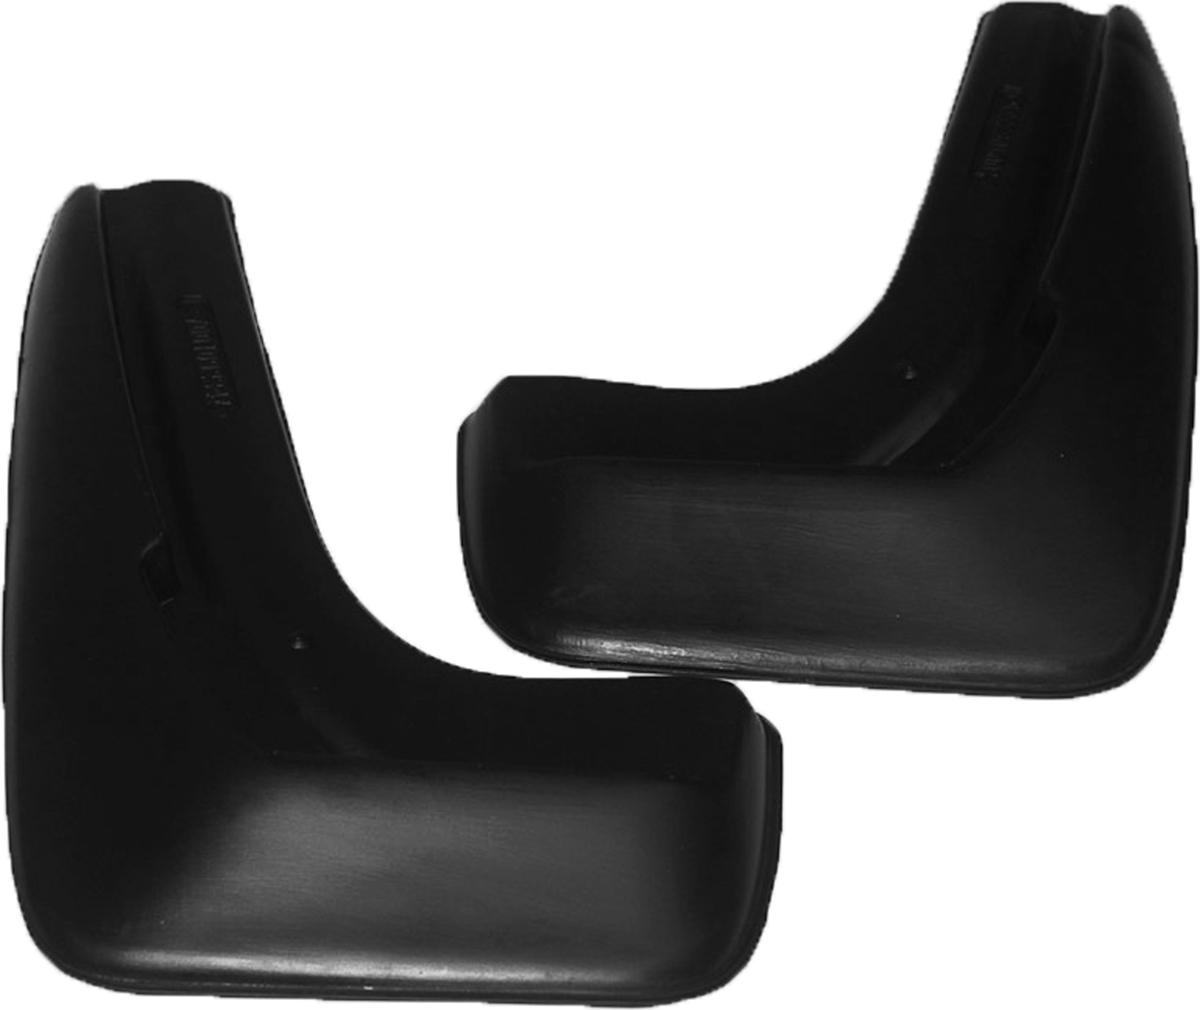 Комплект брызговиков задних L.Locker, для Volkswagen Polo V sd (14-), 2 штCA-3505Брызговики L.Locker изготовлены из высококачественного полимера. Уникальный состав брызговиков допускает их эксплуатацию в широком диапазоне температур: от -50°С до +80°С. Эффективно защищают кузов автомобиля от грязи и воды - формируют аэродинамический поток воздуха, создаваемый при движении вокруг кузова таким образом, чтобы максимально уменьшить образование грязевой измороси, оседающей на автомобиле. Разработаны индивидуально для каждой модели автомобиля, с эстетической точки зрения брызговики являются завершением колесной арки.Крепления в комплекте.